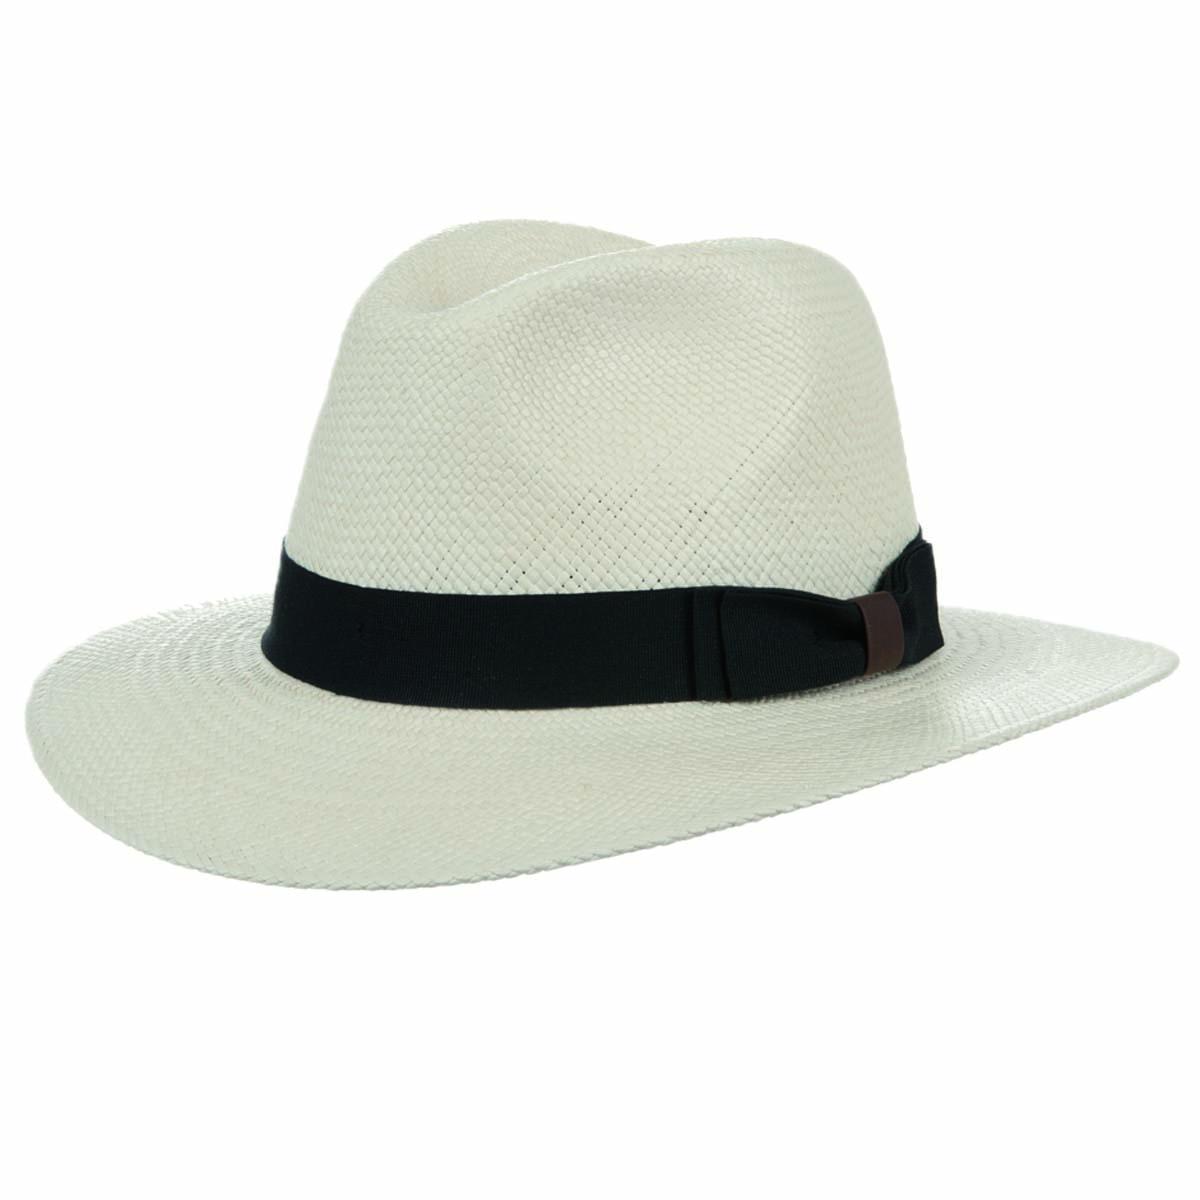 cappello panama da uomo ... a9a332baa274